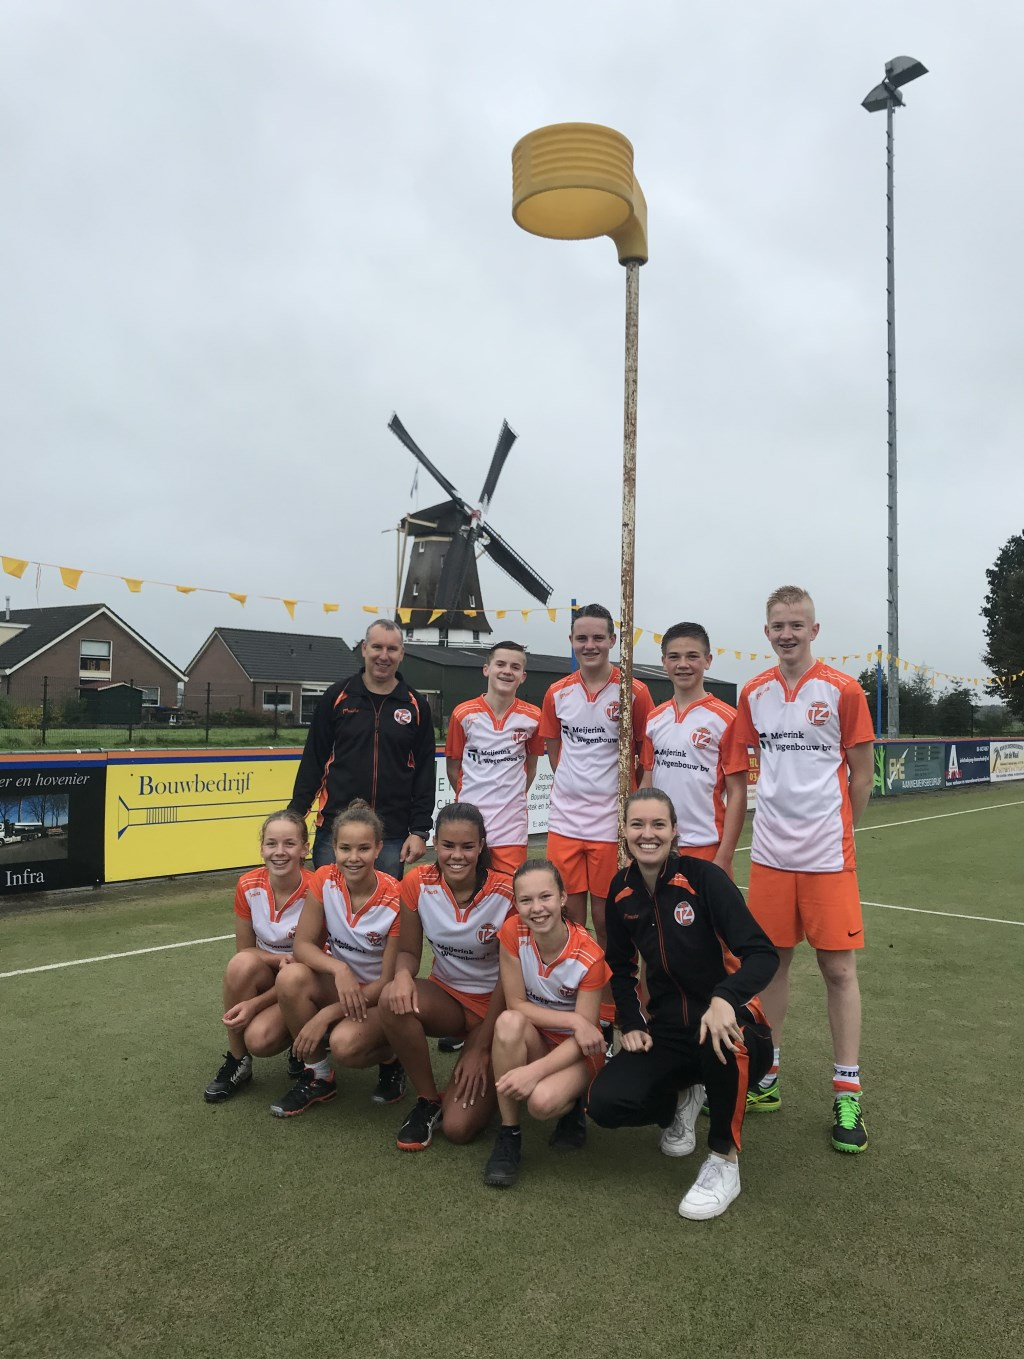 Na een spannende poulefase speelde Tweemaal Zes B2 afgelopen zaterdag hun kampioenswedstrijd tegen DOS Westbroek. Na een vliegende start werd de voorsprong niet meer uit handen gegeven en de wedstrijd uiteindelijk gewonnen met 4-13. v.l.n.r. boven (coach) Paul Meerstadt, Erik Top, Jorik Meijerink, T